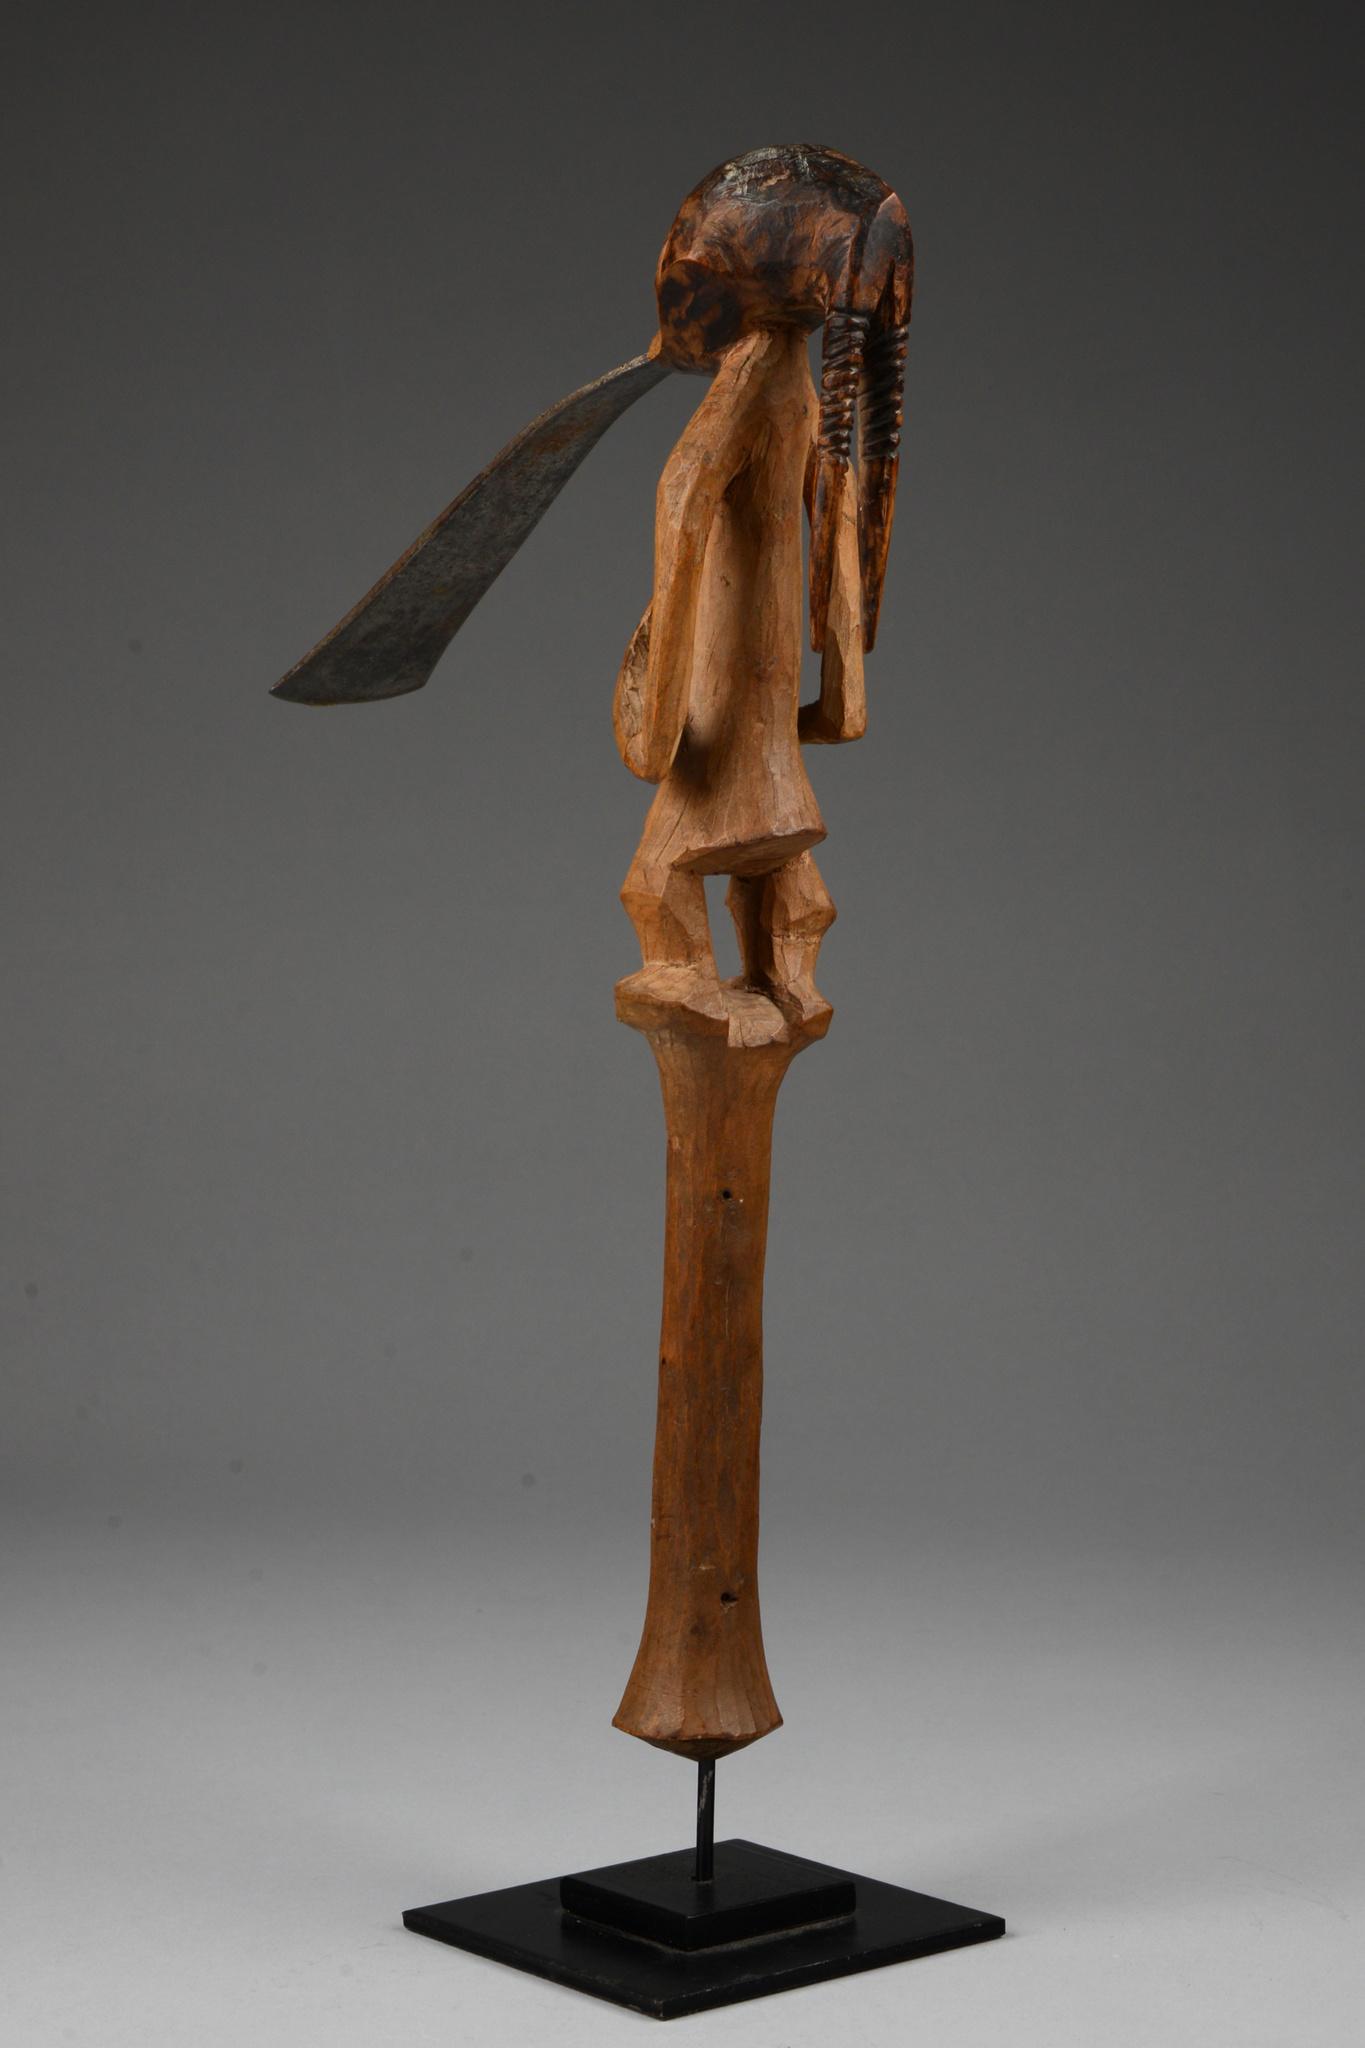 Prestigeaxt mit figural beschnitztem Griff